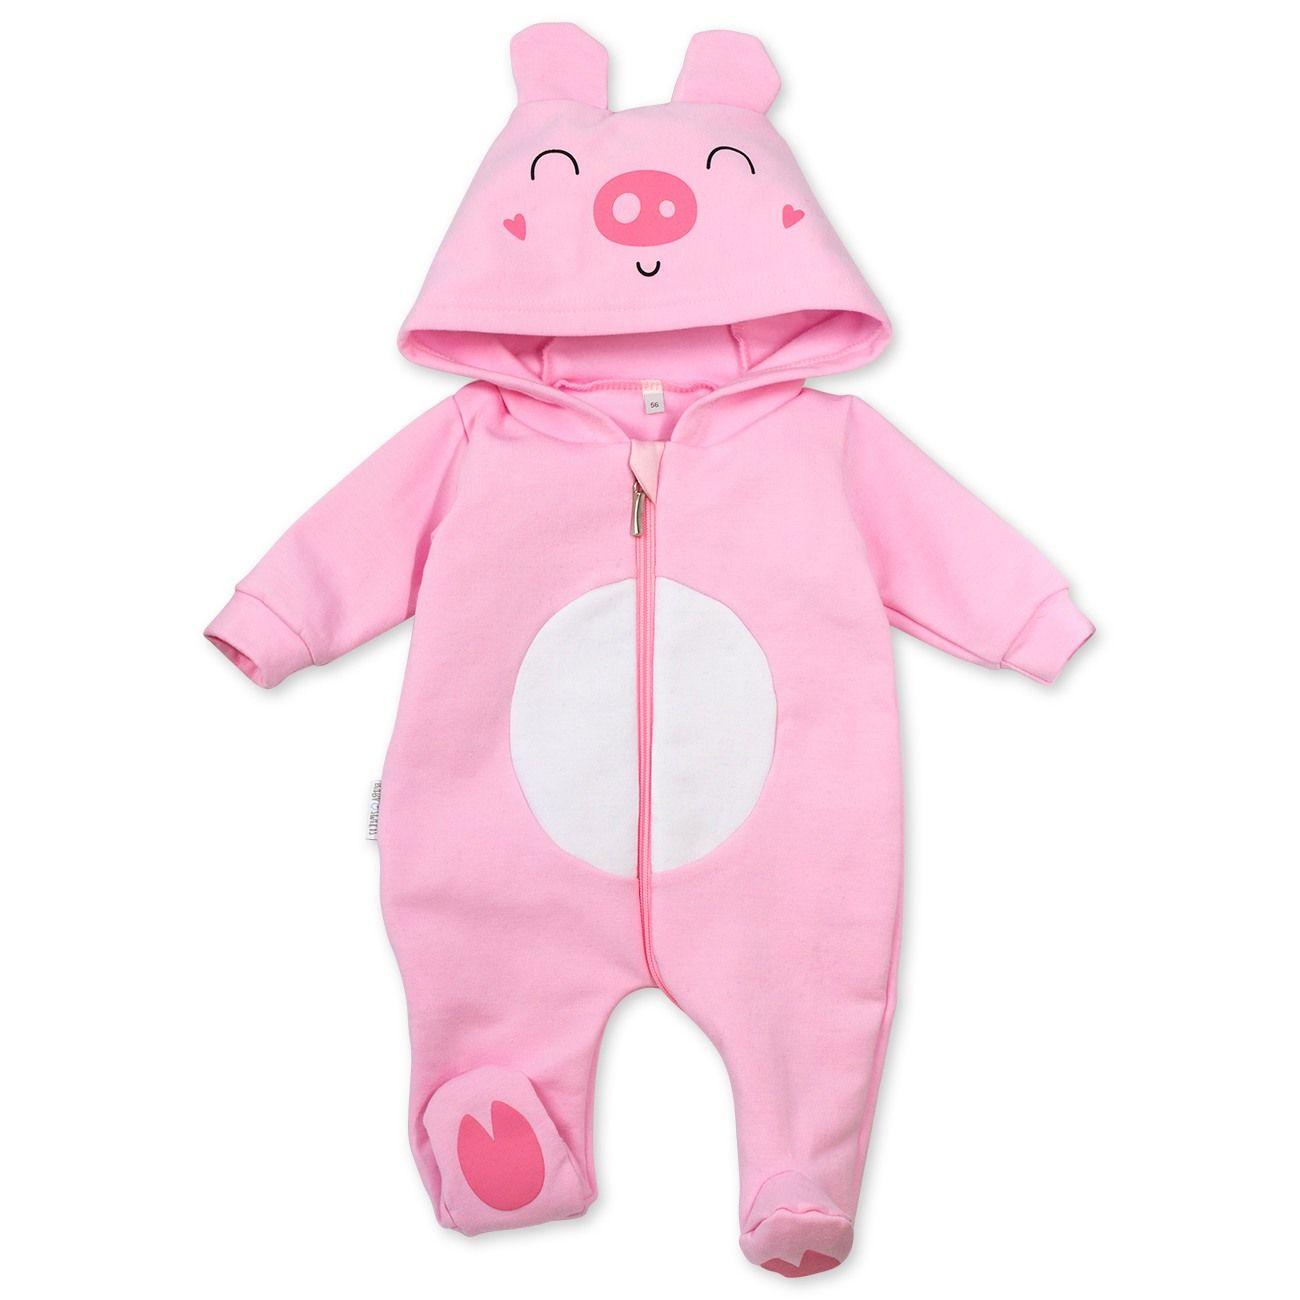 75132f182d Unser süßes Schweinchen. So niedlich! Jetzt im Shop erhältlich. Baby Sweets  Unisex Tier